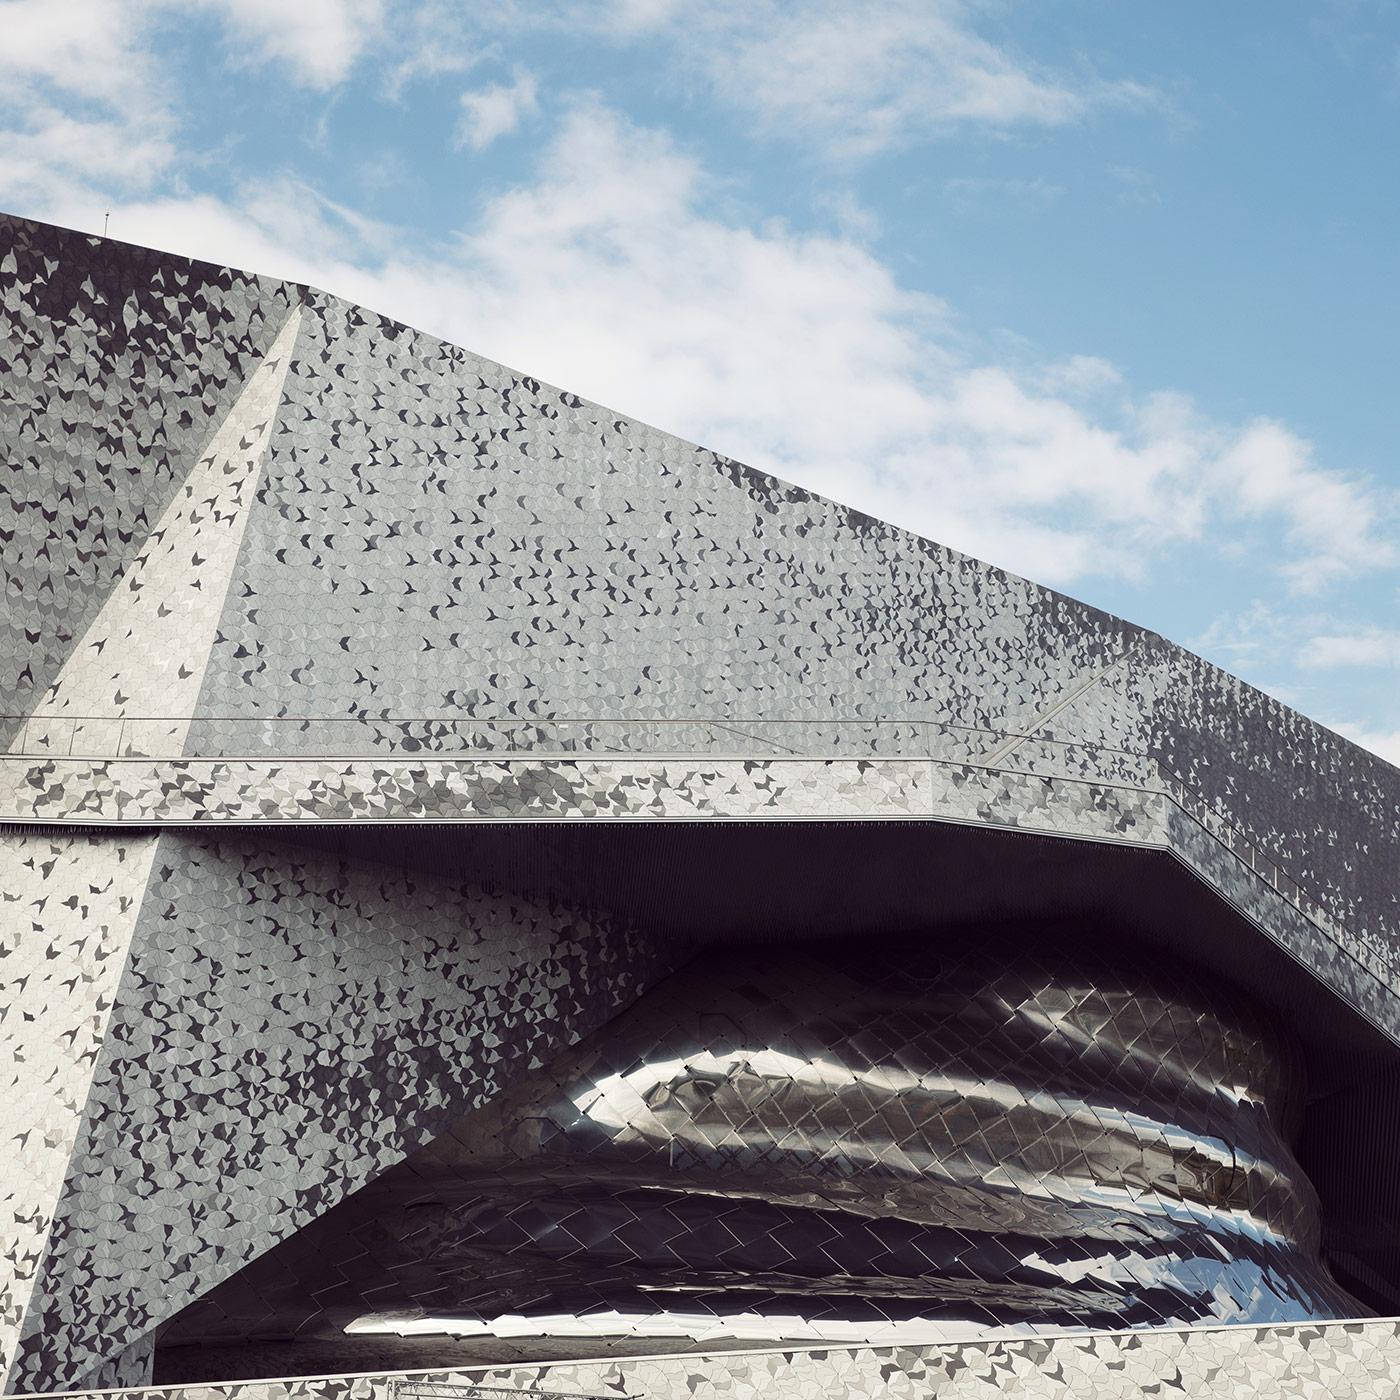 Cité de la musique - Philharmonie de Paris <br />Location: Paris, France <br />Architect: Jean Nouvel<br />